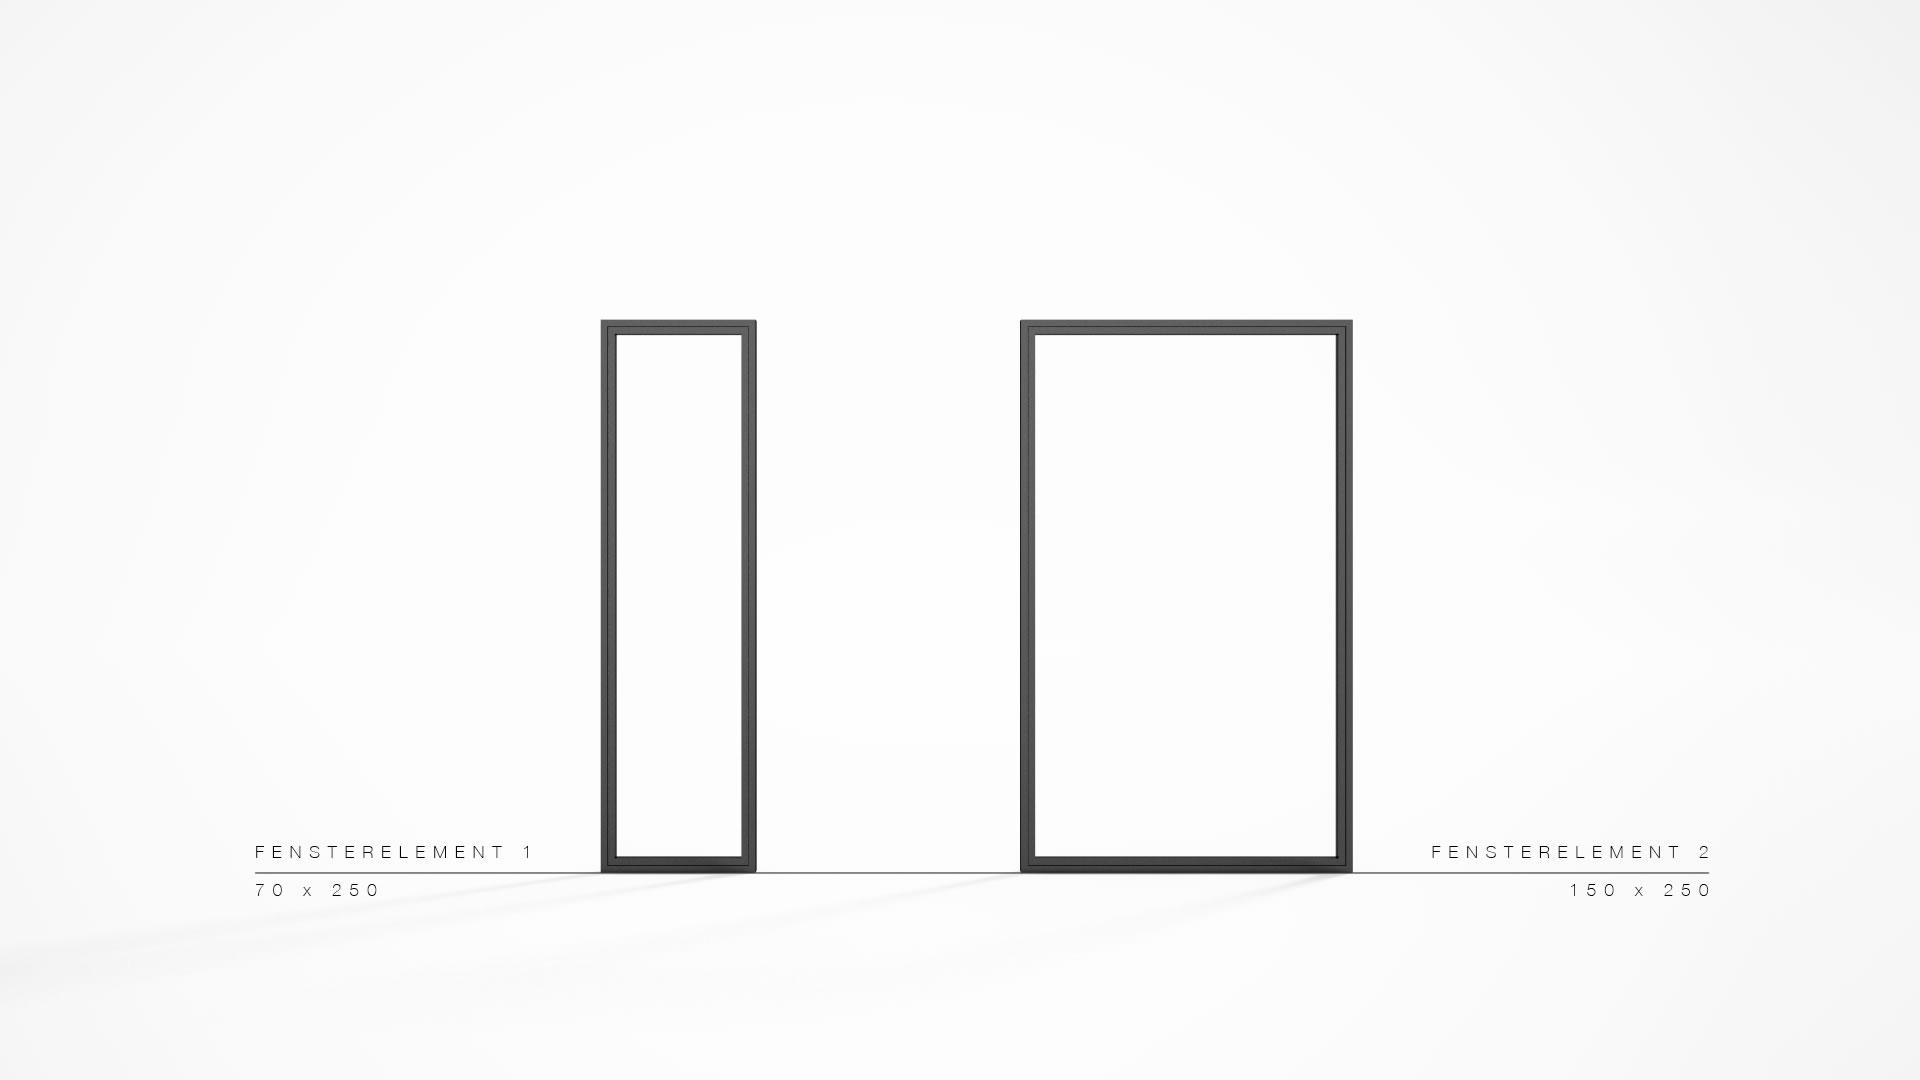 002-Fenster.jpg